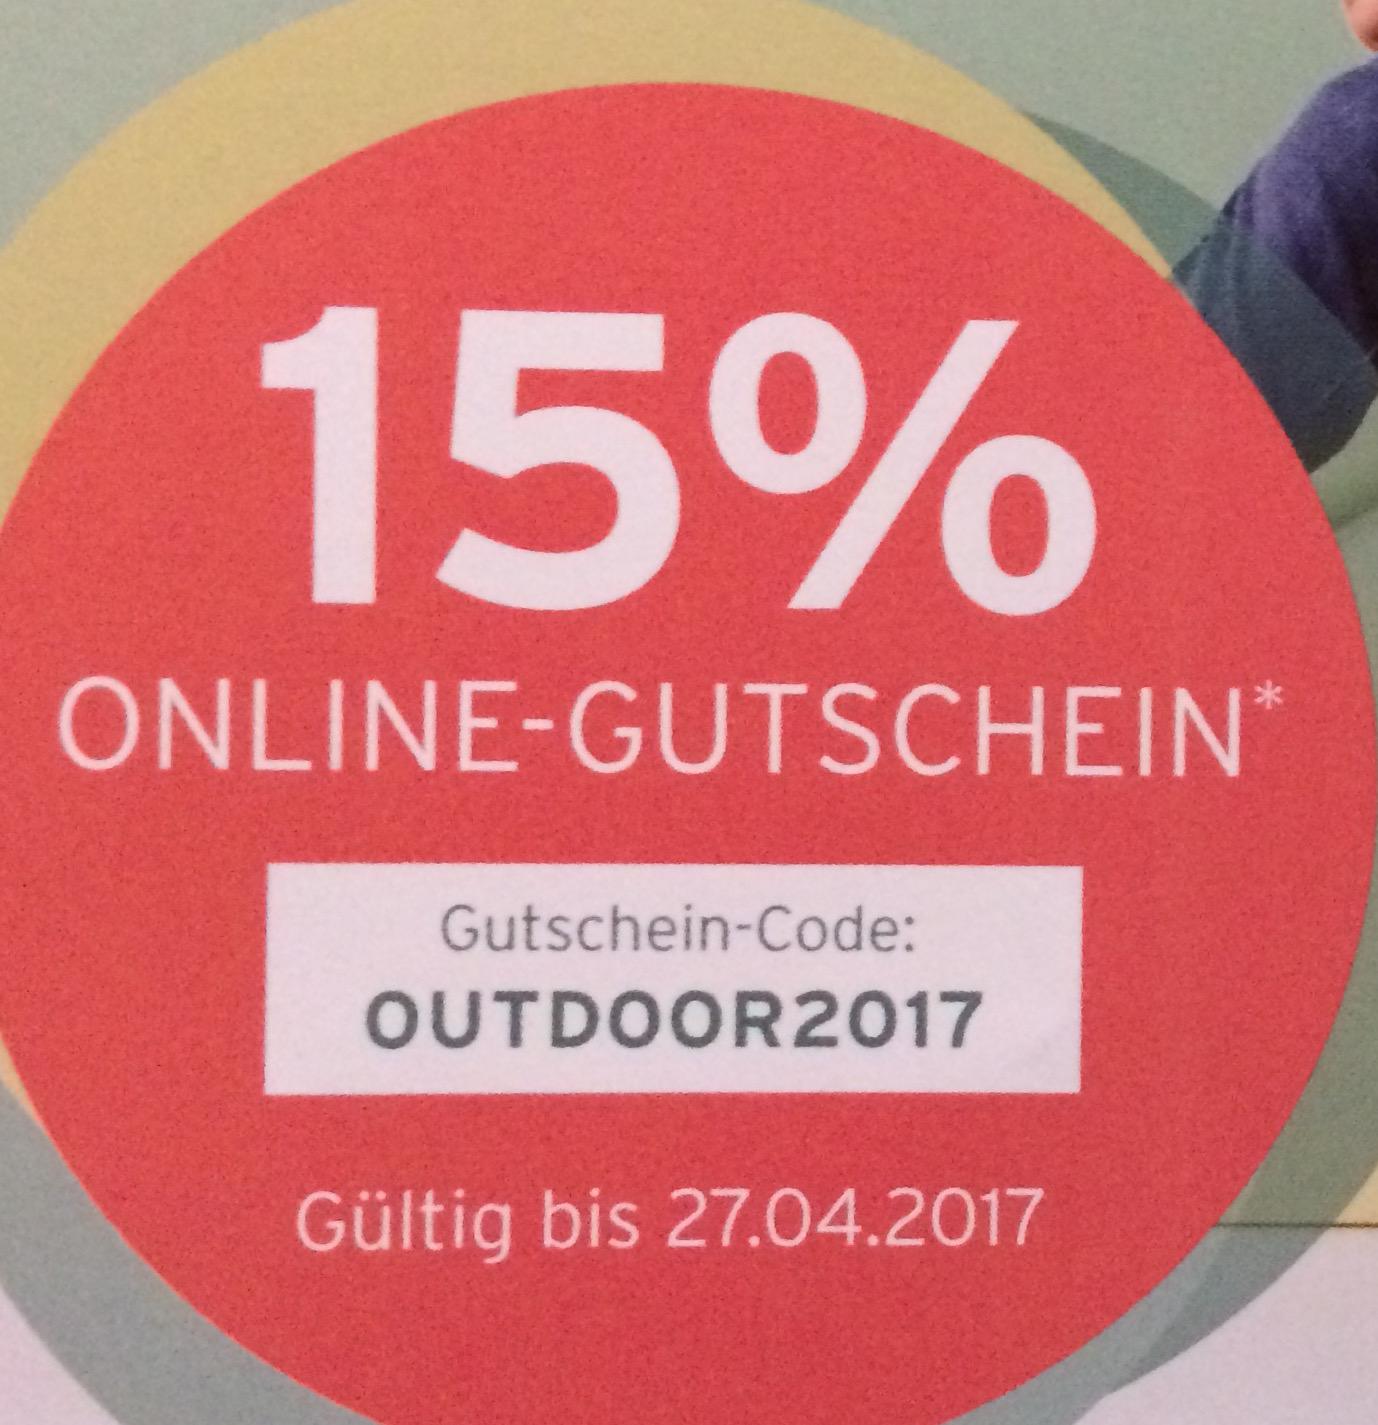 [tchibo online only] 15 % Gutschein - OUTDOOR2017